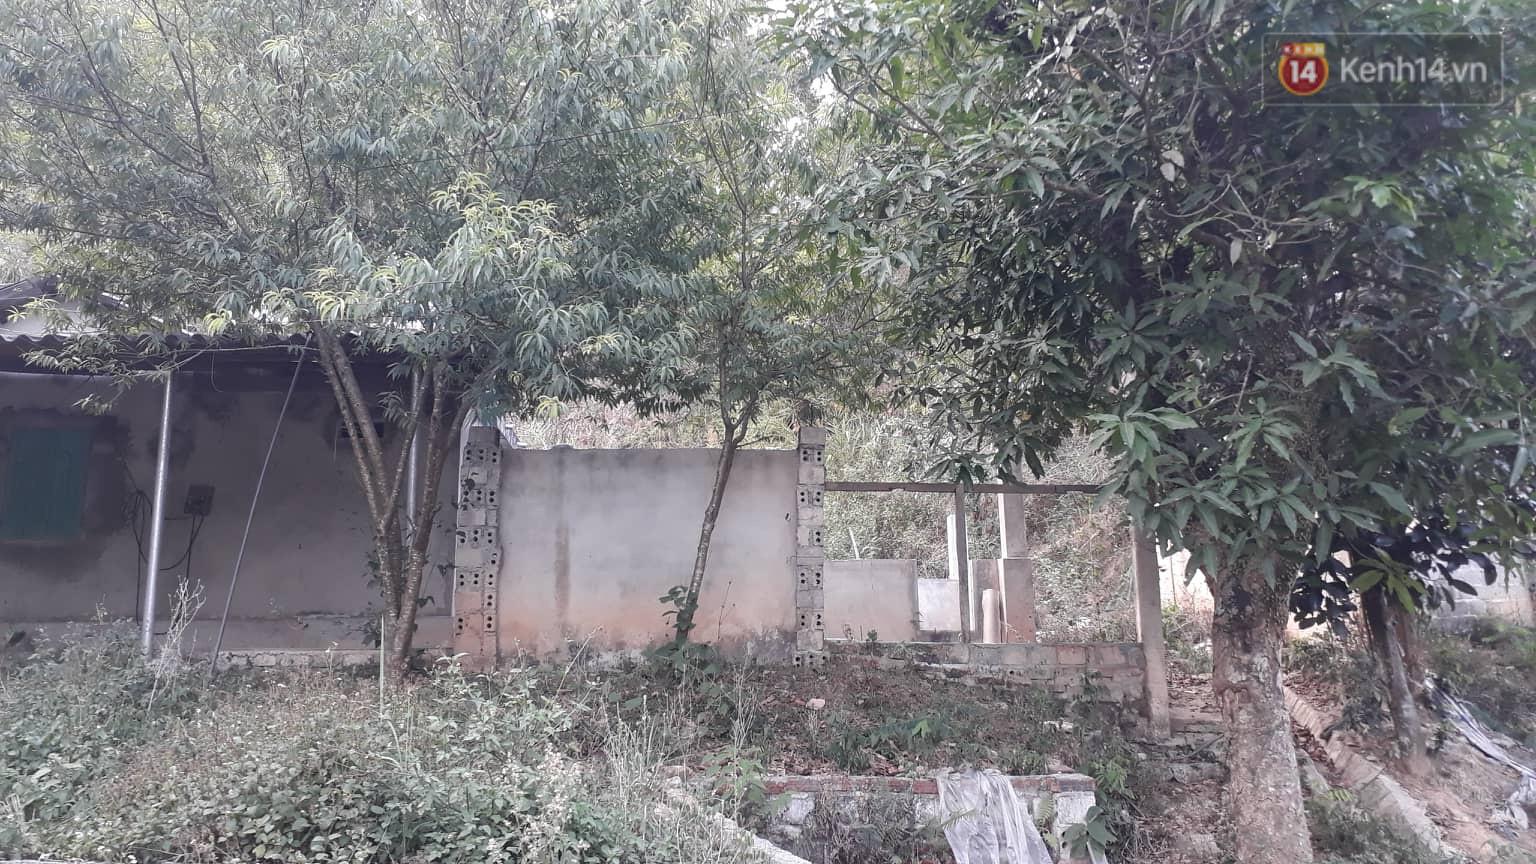 Vụ nữ sinh giao gà bị sát hại: Hàng xóm vẫn chưa hết bàng hoàng trước màn kịch xảo quyệt, che giấu tội ác cho chồng của Bùi Thị Kim Thu - Ảnh 3.